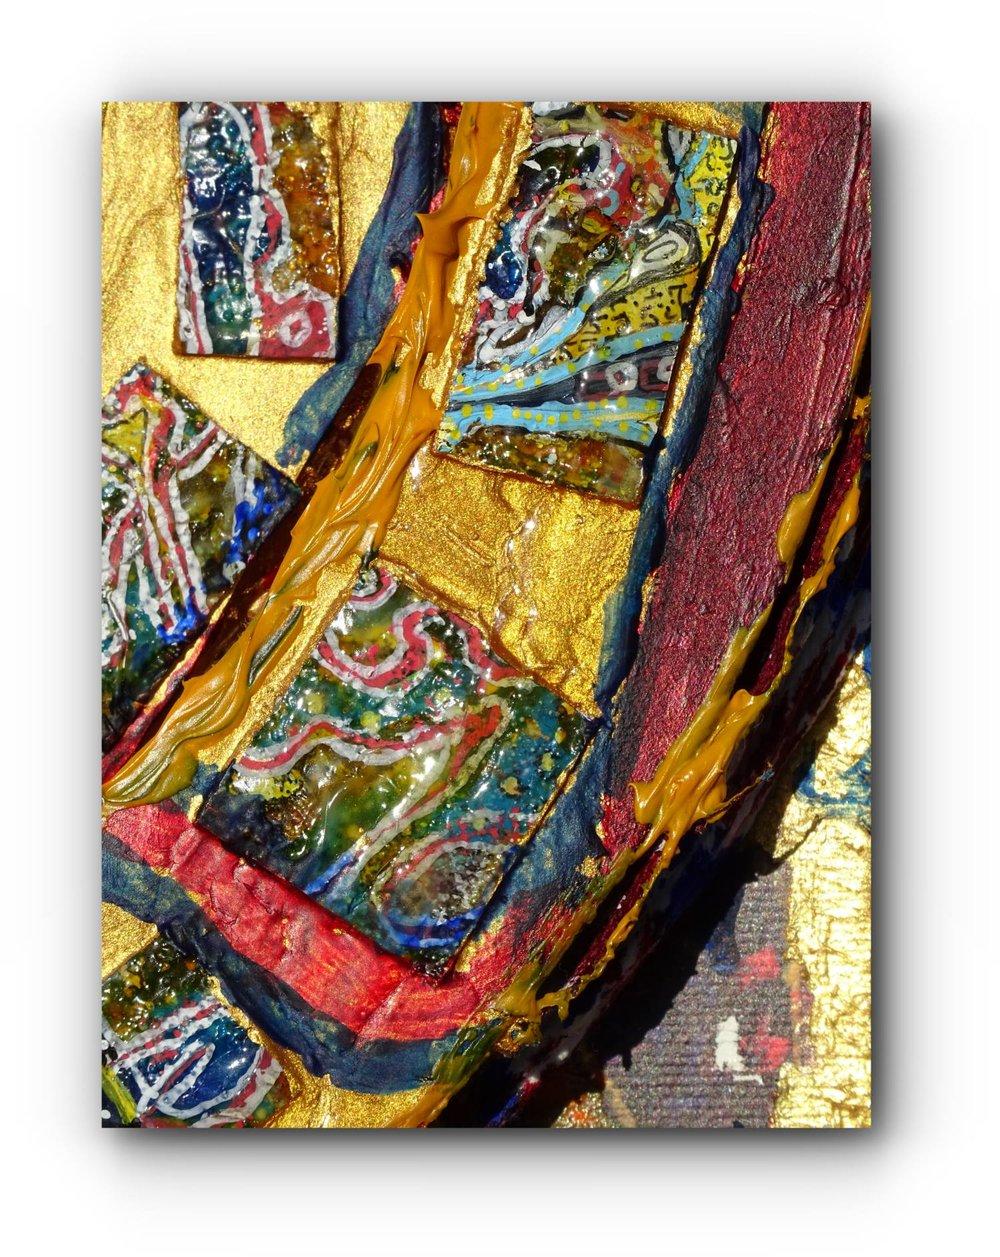 painting-detail-5-receiver-artist-duo-ingress-vortices.jpg